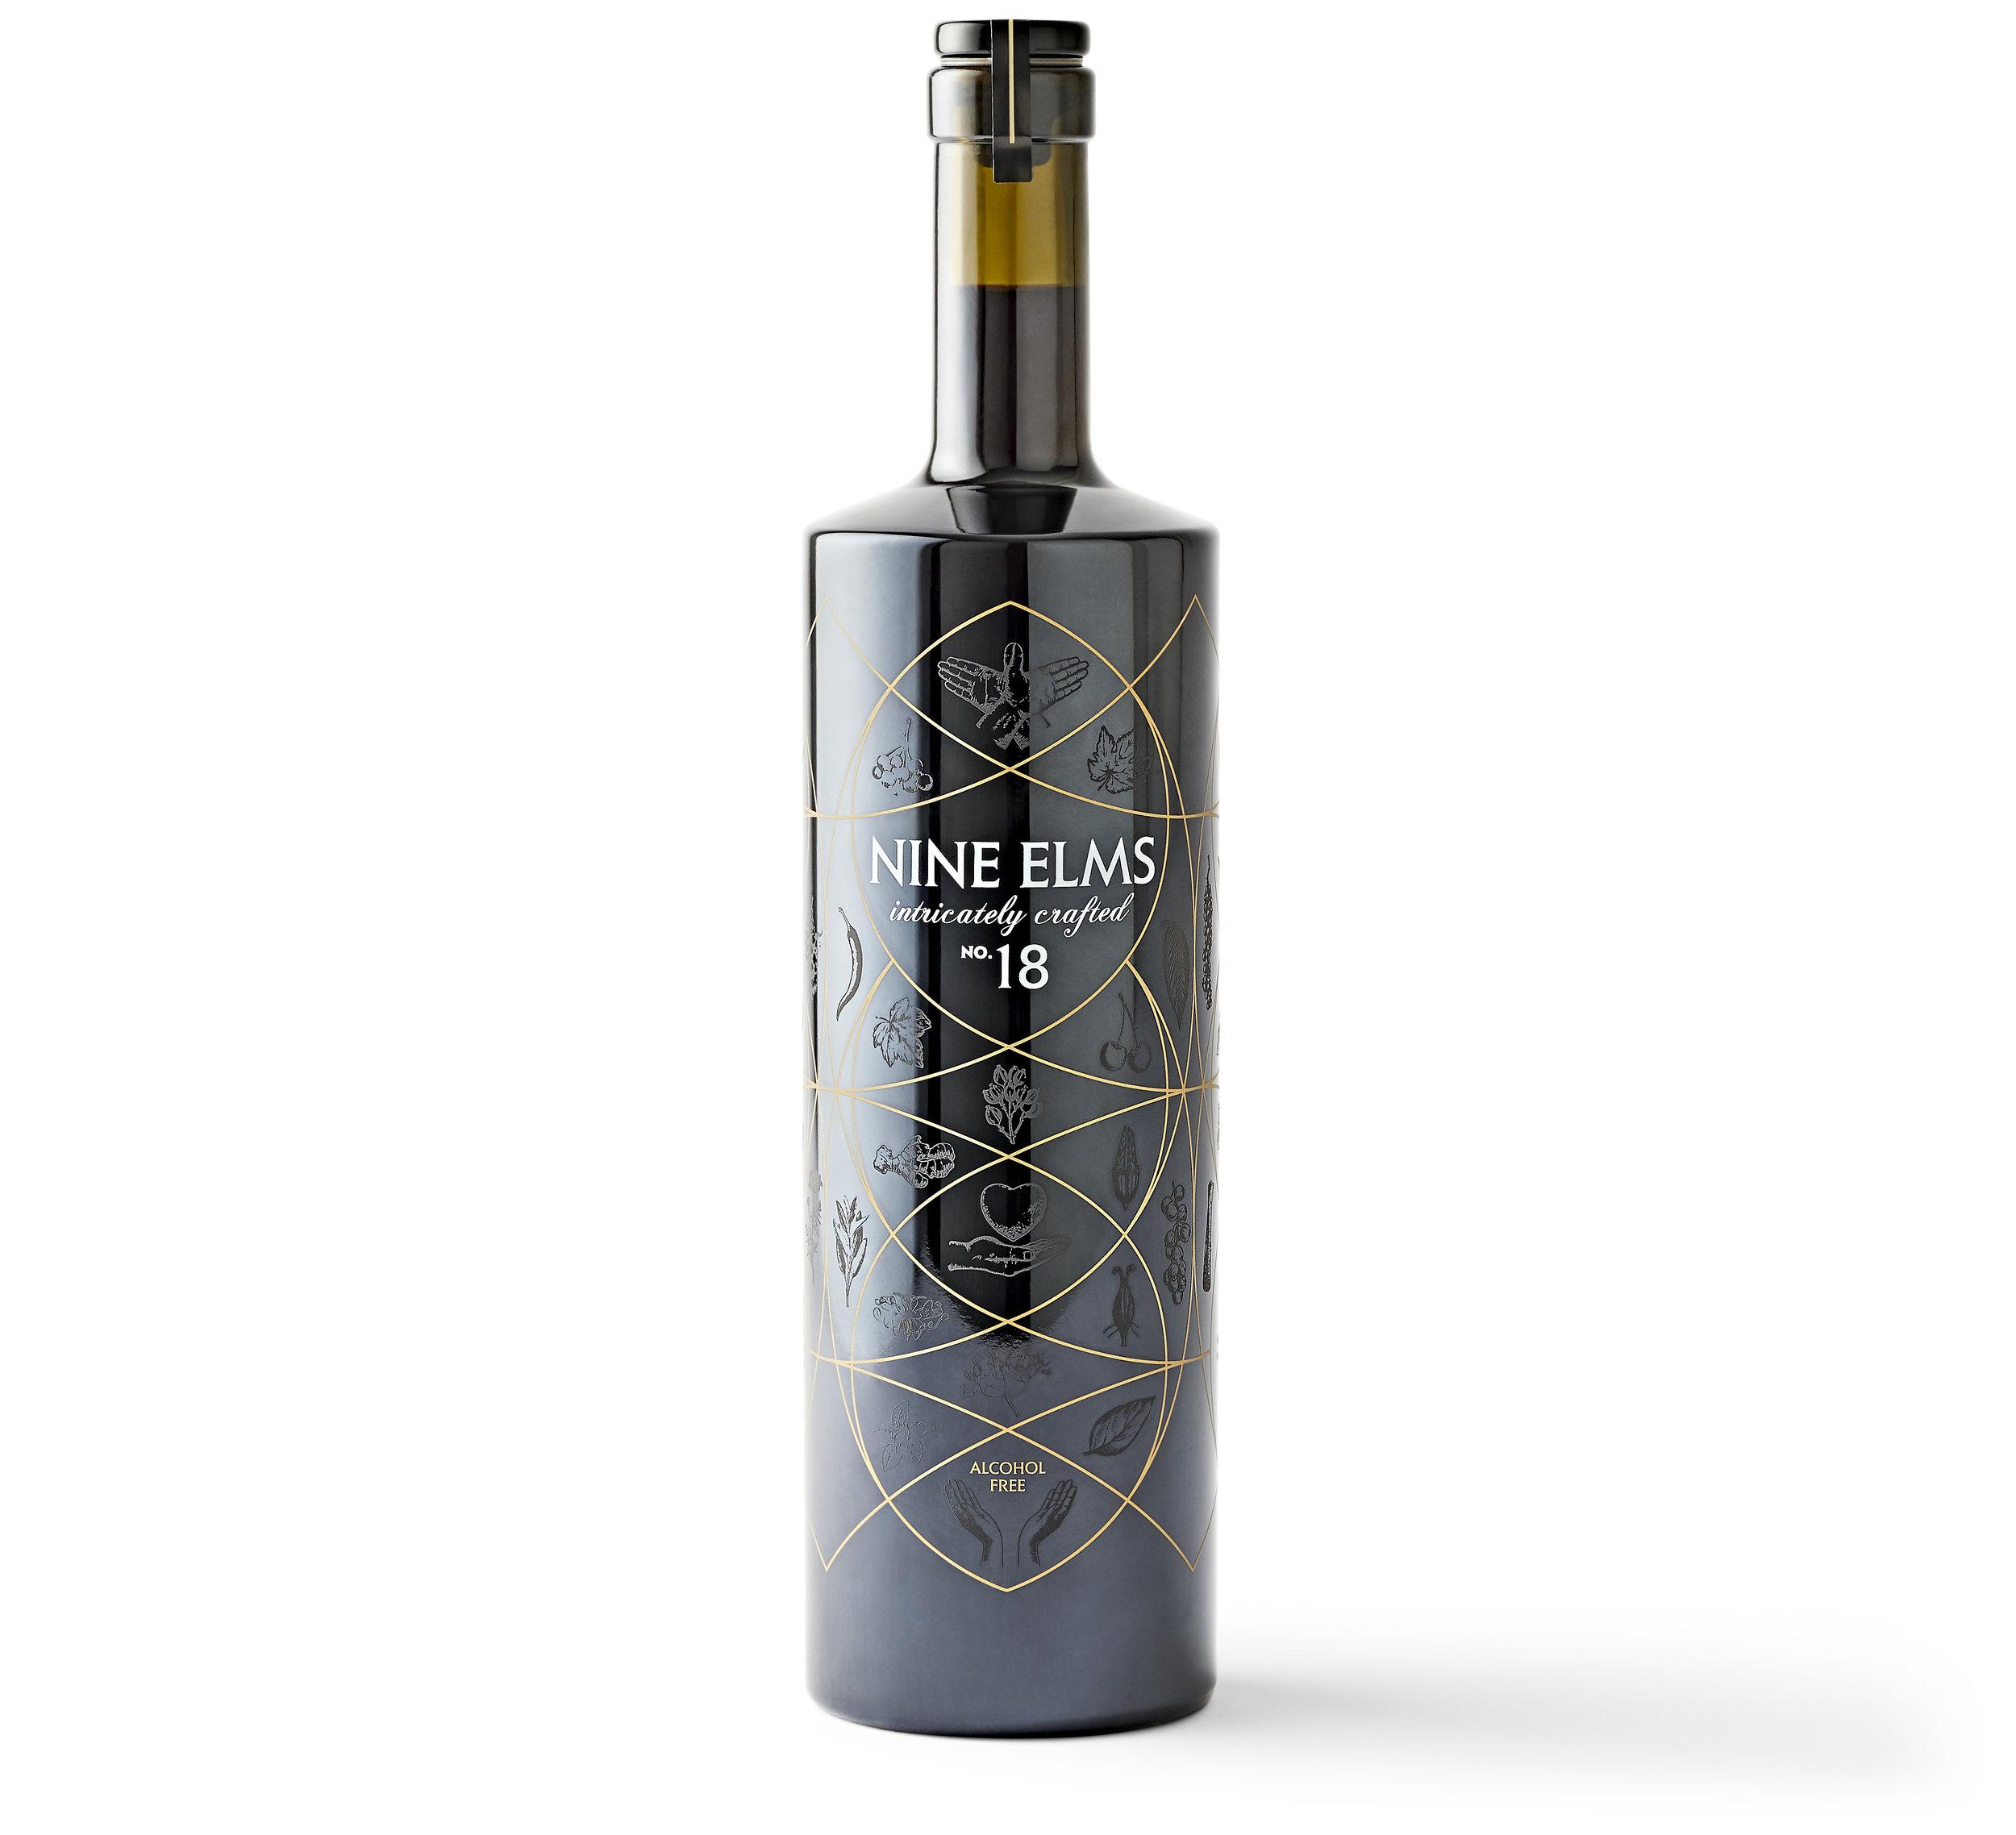 Nine elms bottle